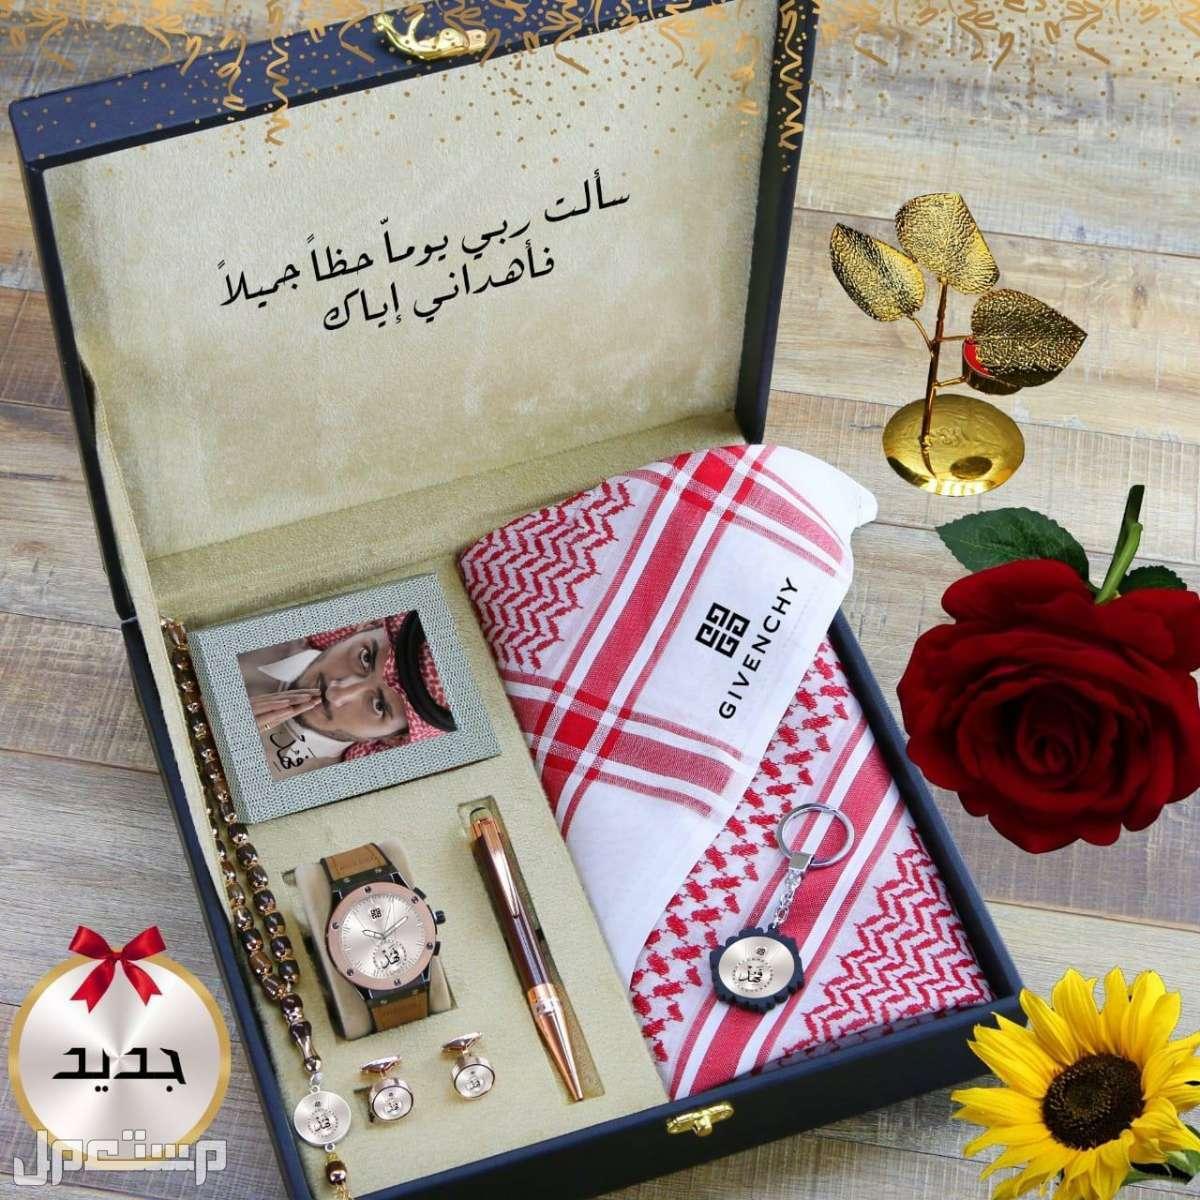 بكس هدايا رجالي فاخر # اهدي من تحب باجمل ما يهدى